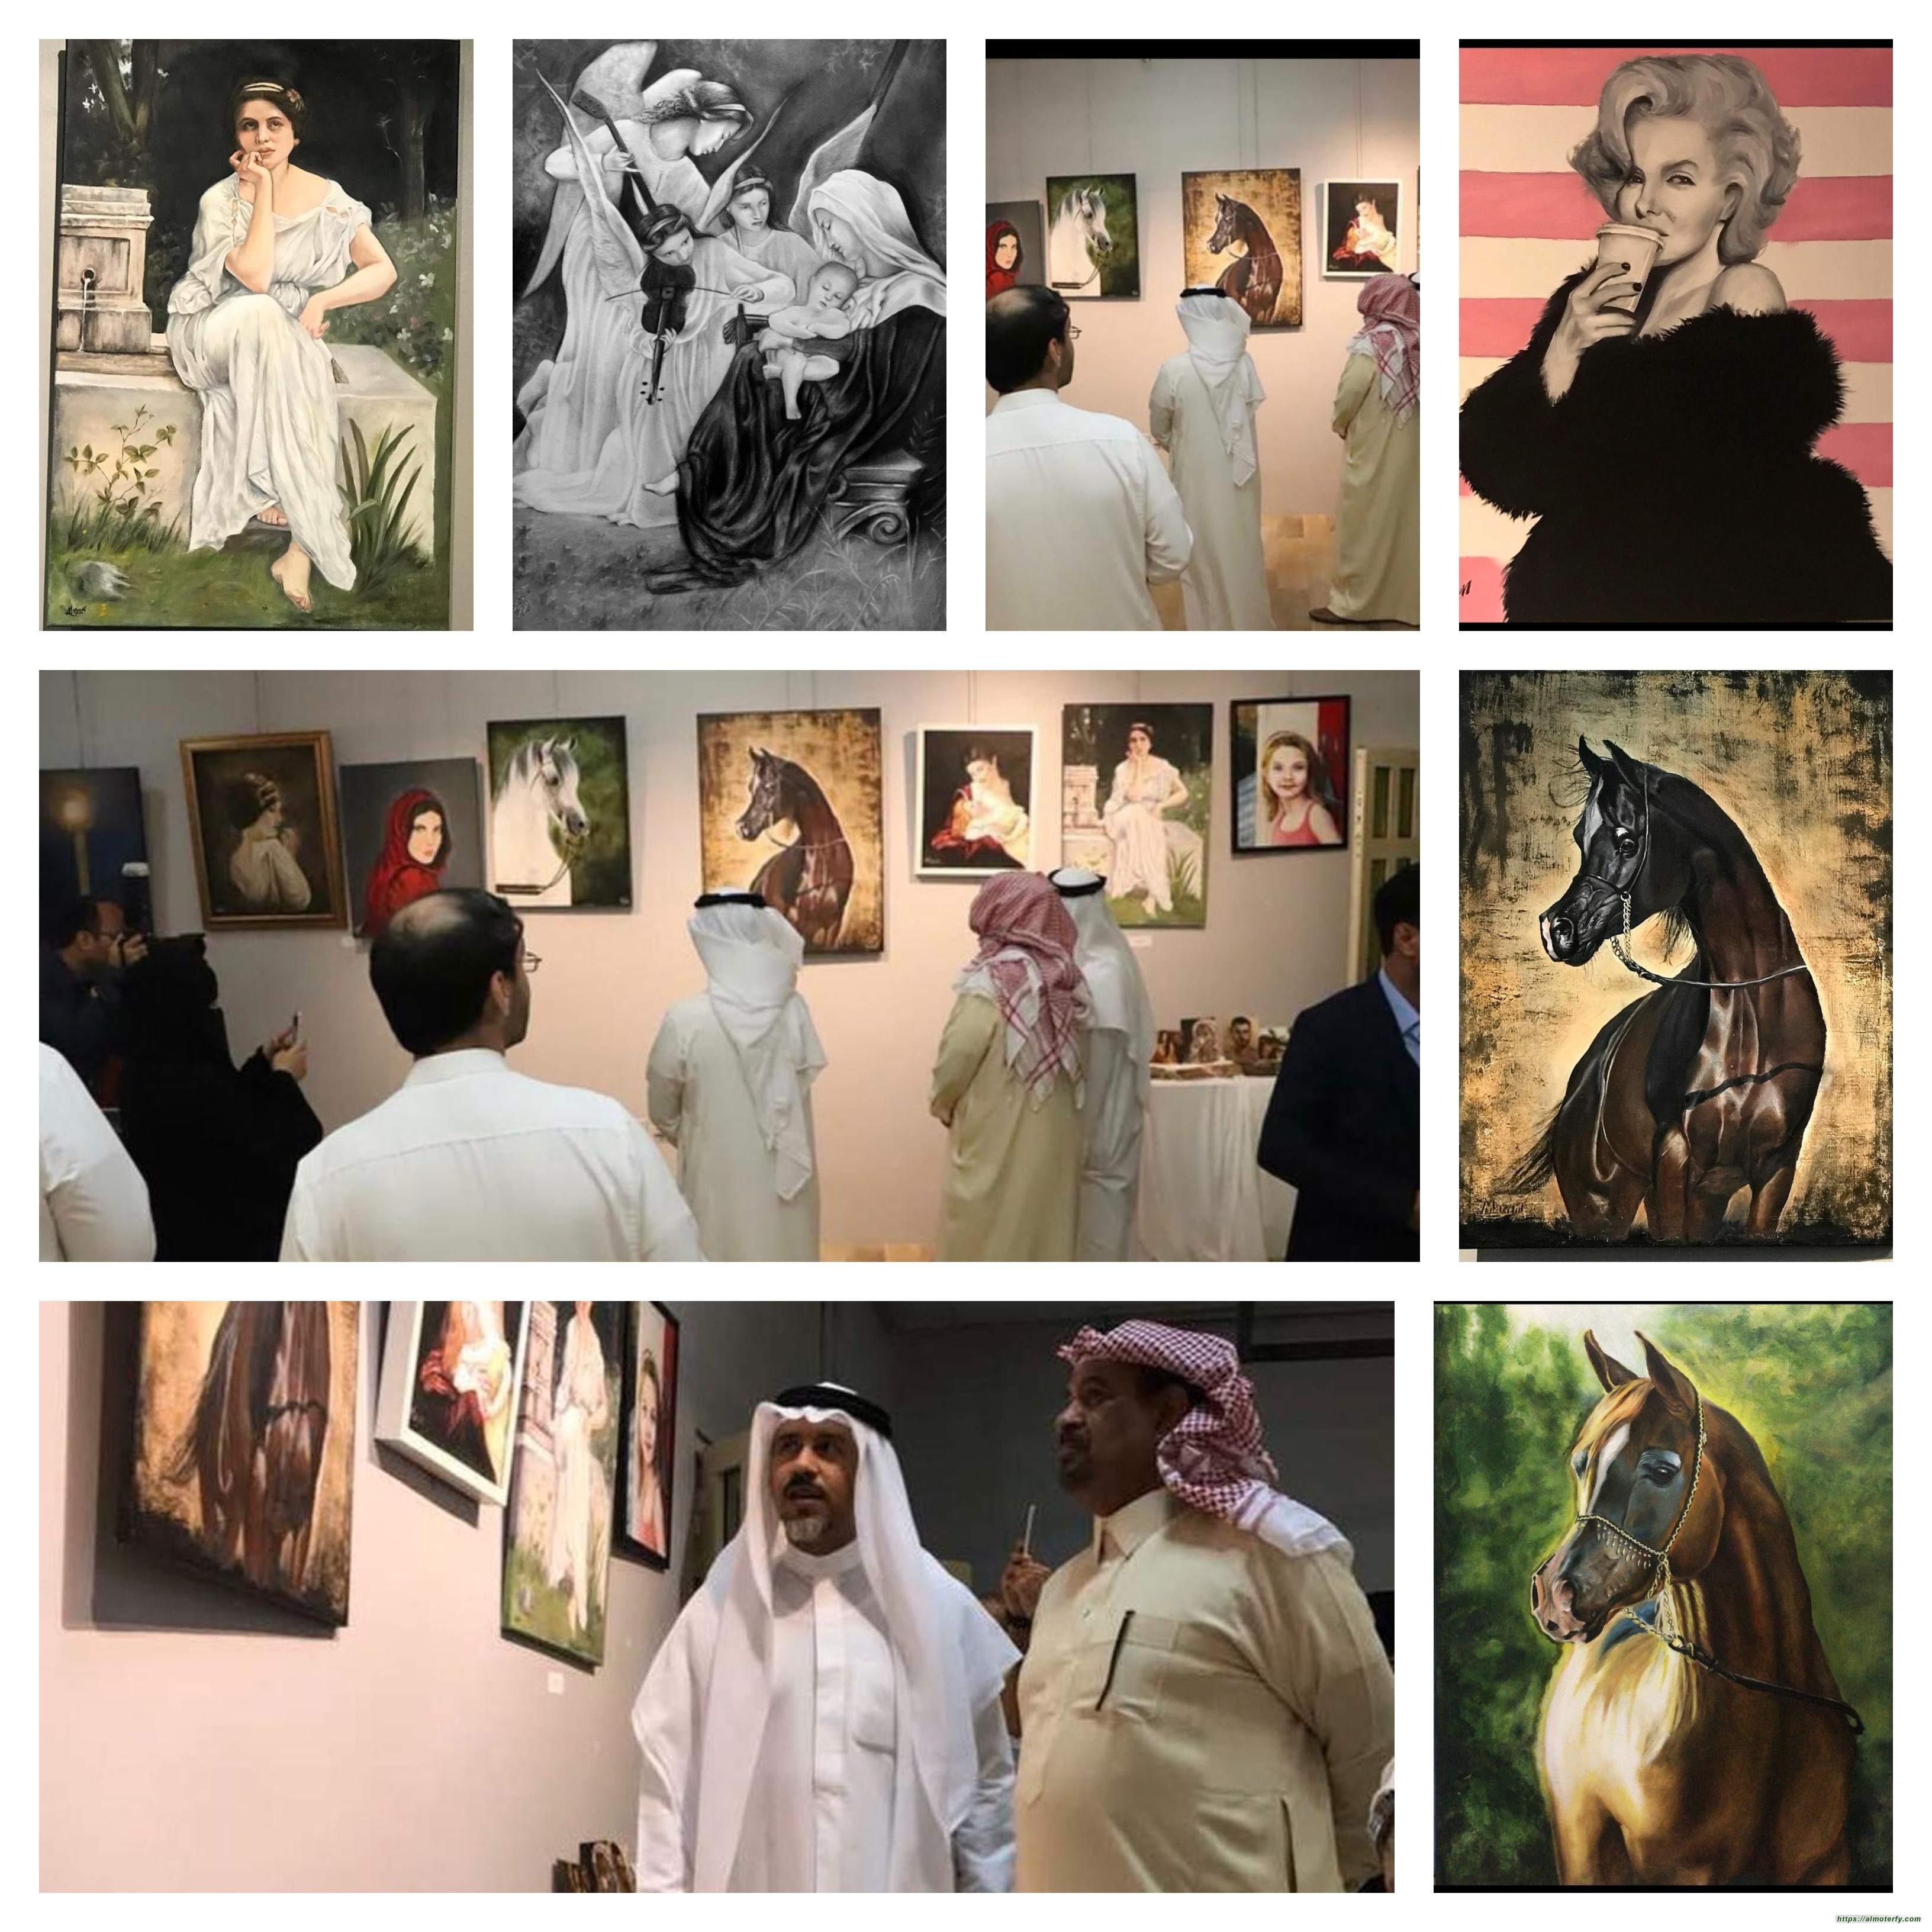 حوار-الفنانةالتشكيلية مريم _الرسم يعني لي حياة ثانية ومايميز لوحاتي هو الدقه بالتفاصيل والهدوء بالألوان